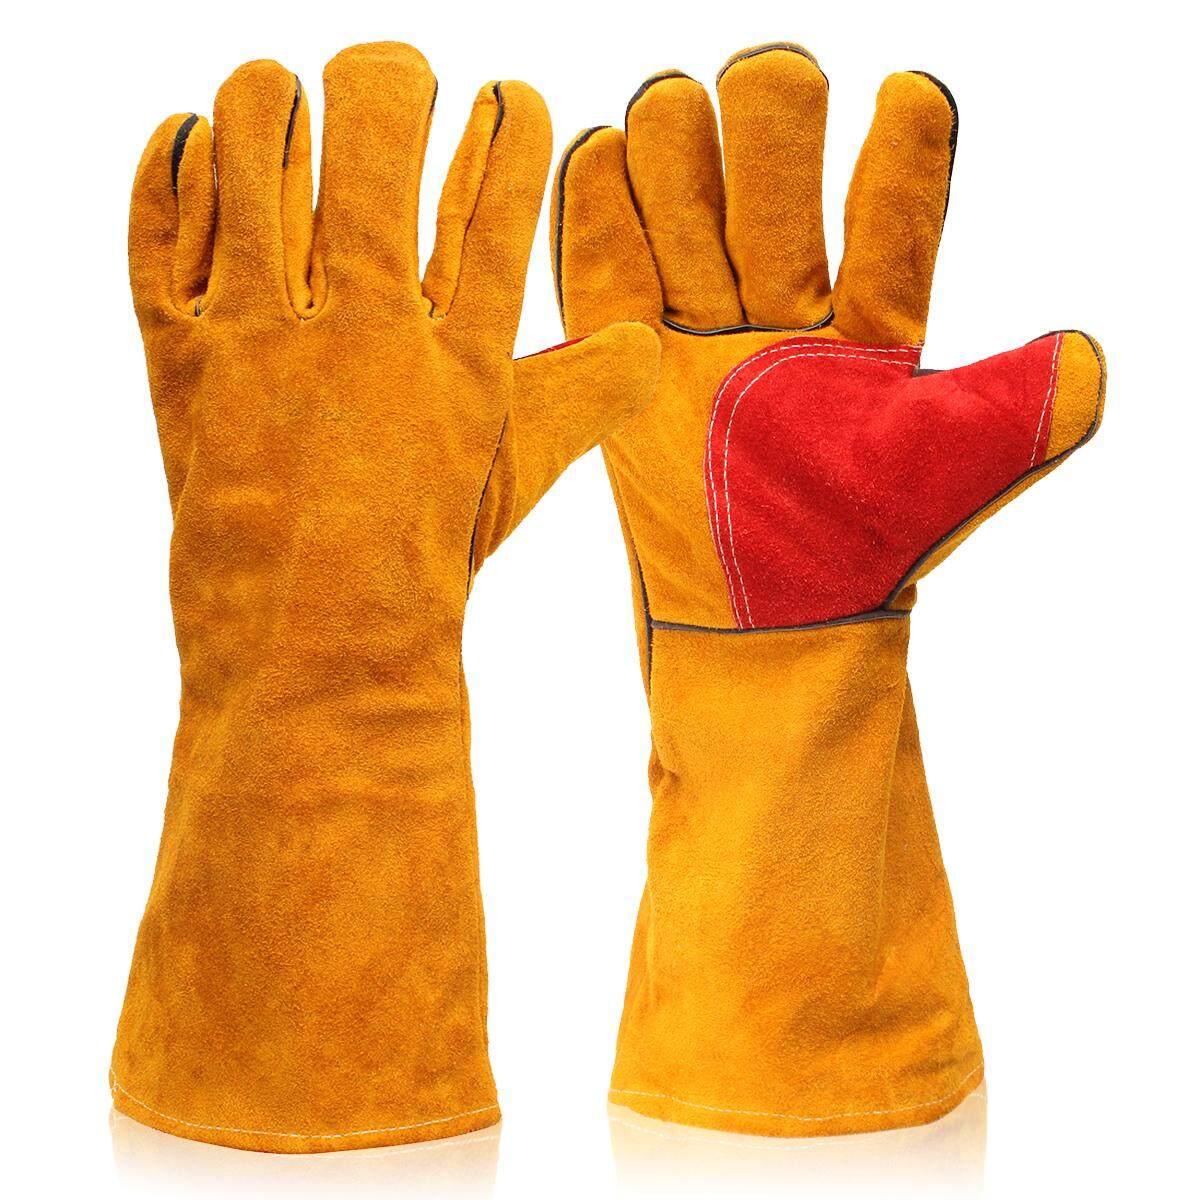 Pair 16 Heavy Duty Lined Reinforced Palm Welding Gauntlets Welder Labor Gloves